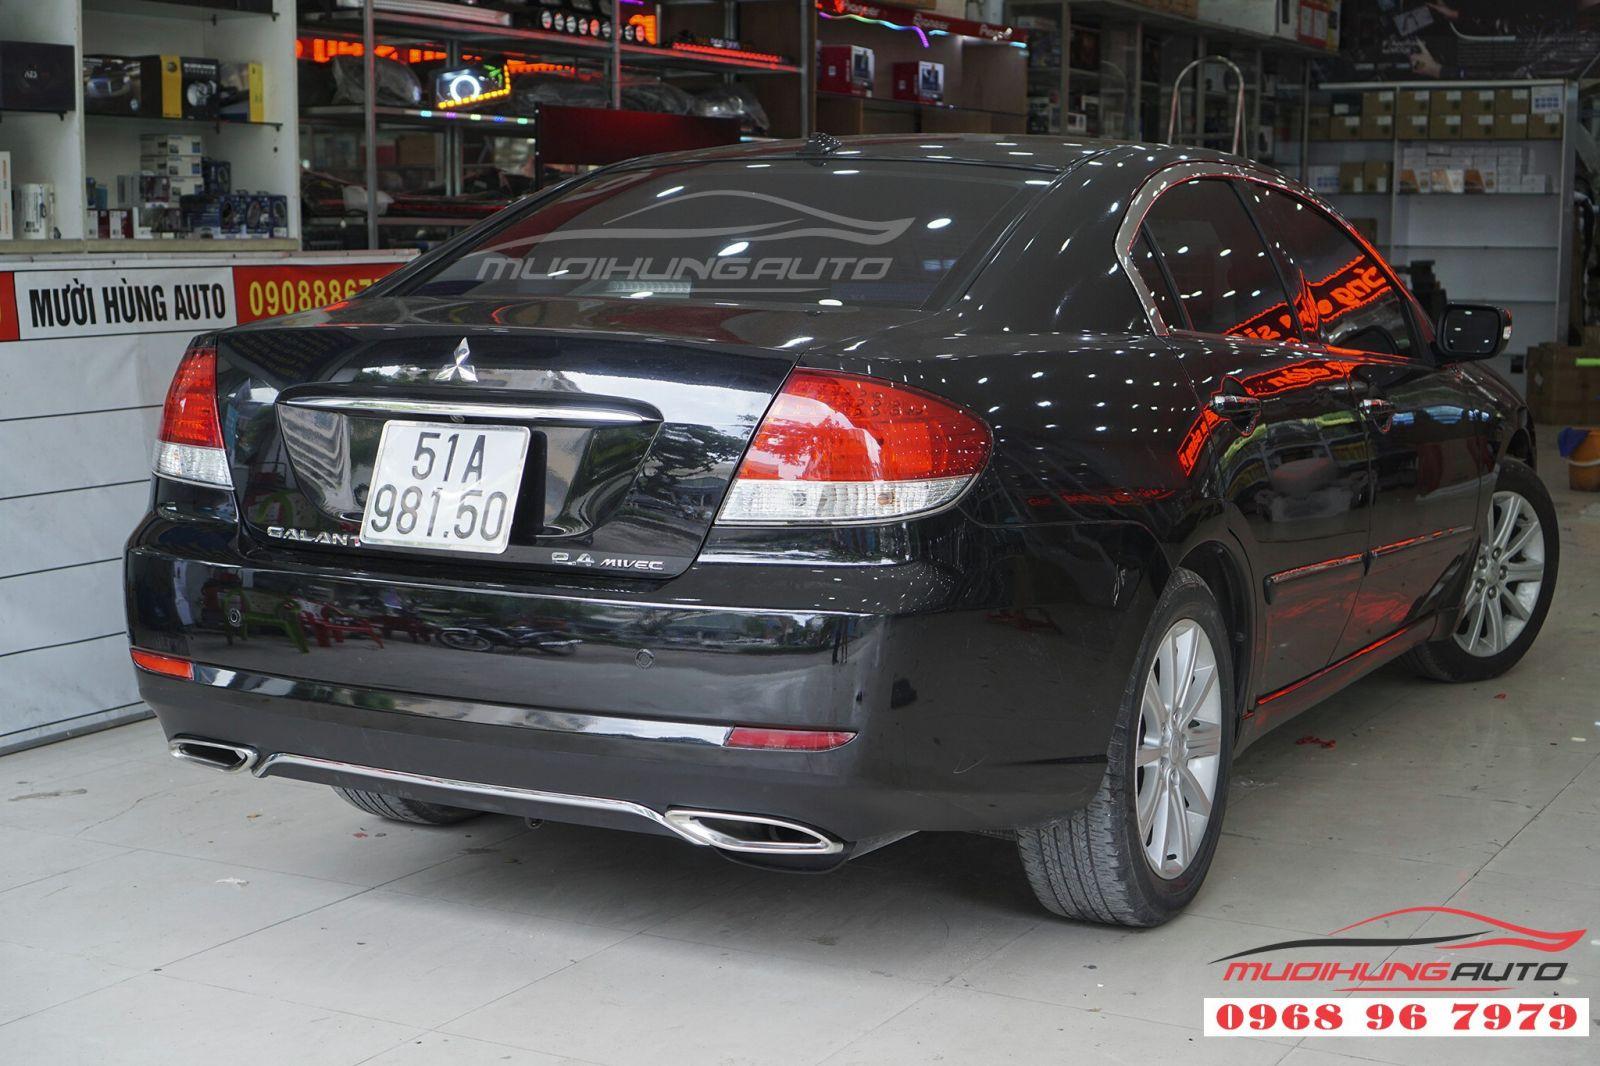 Mitsubishi Galant độ pô uy tín tại TPHCM 03